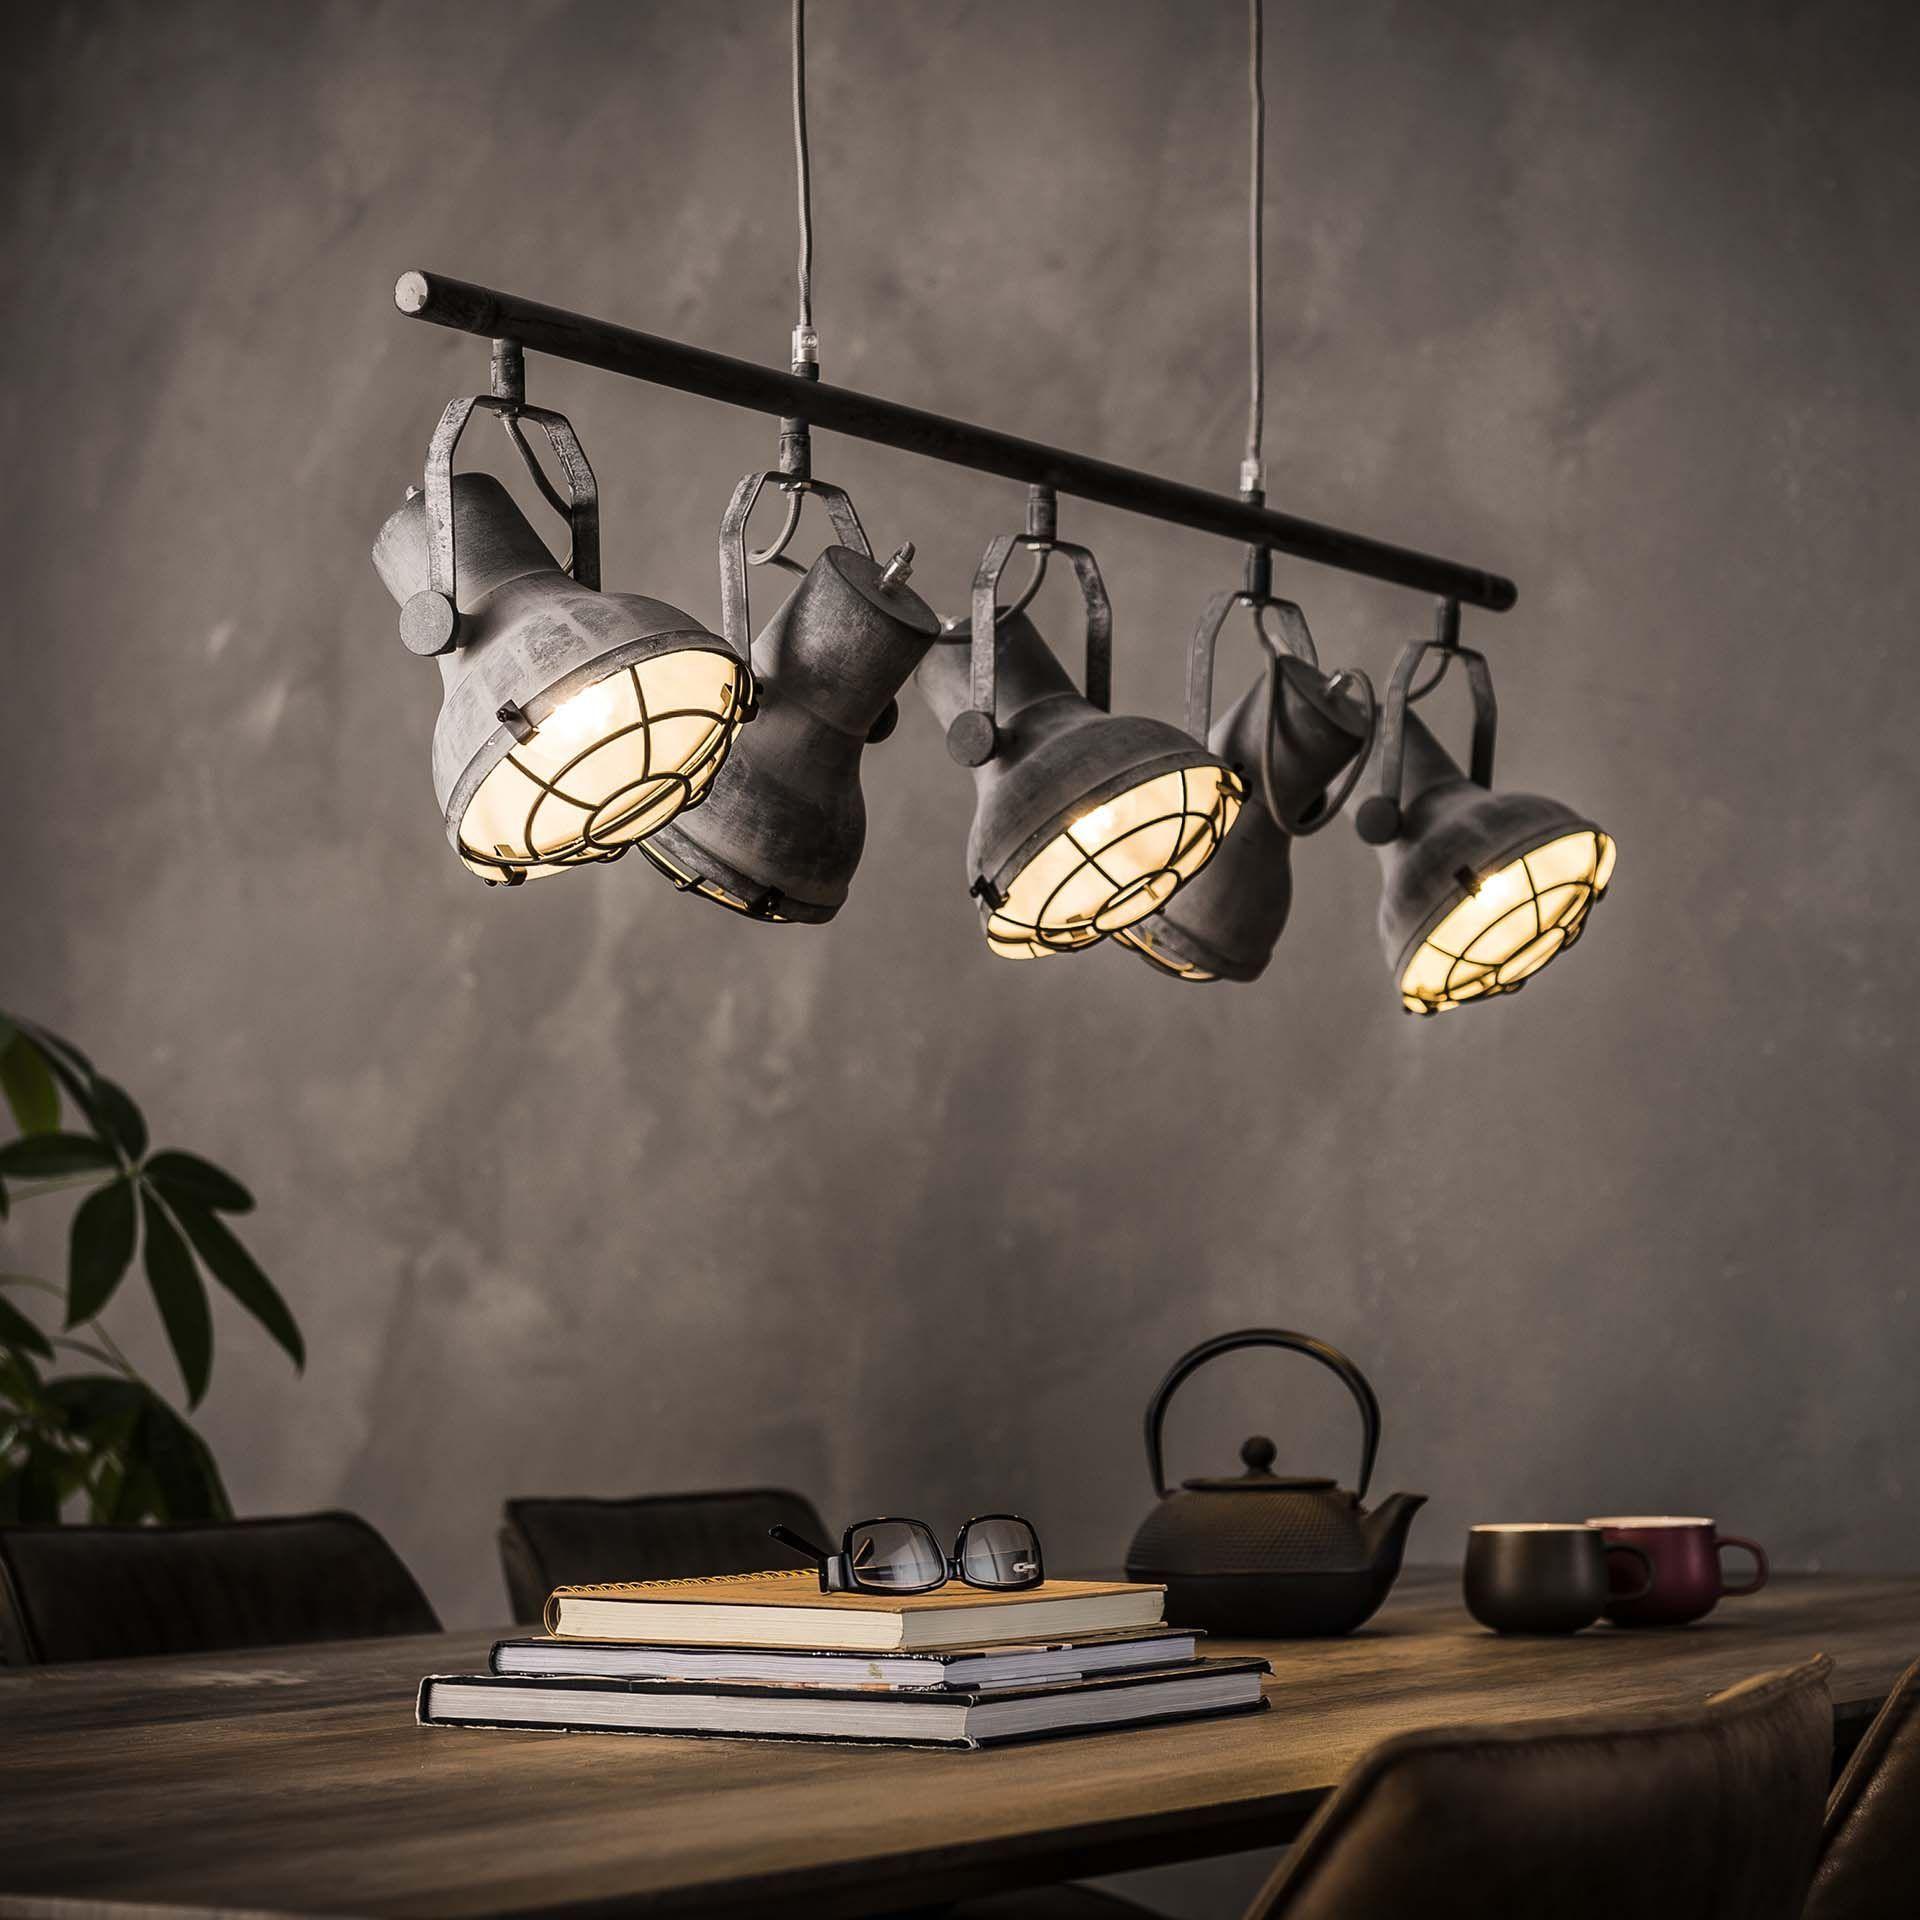 Makkelijke Make Over Geef Je Interieur Een Industriele Look In Maar 6 Stappen Verlichting Woonkamer Industriele Hanglampen Rustieke Lampen Binnenverlichting